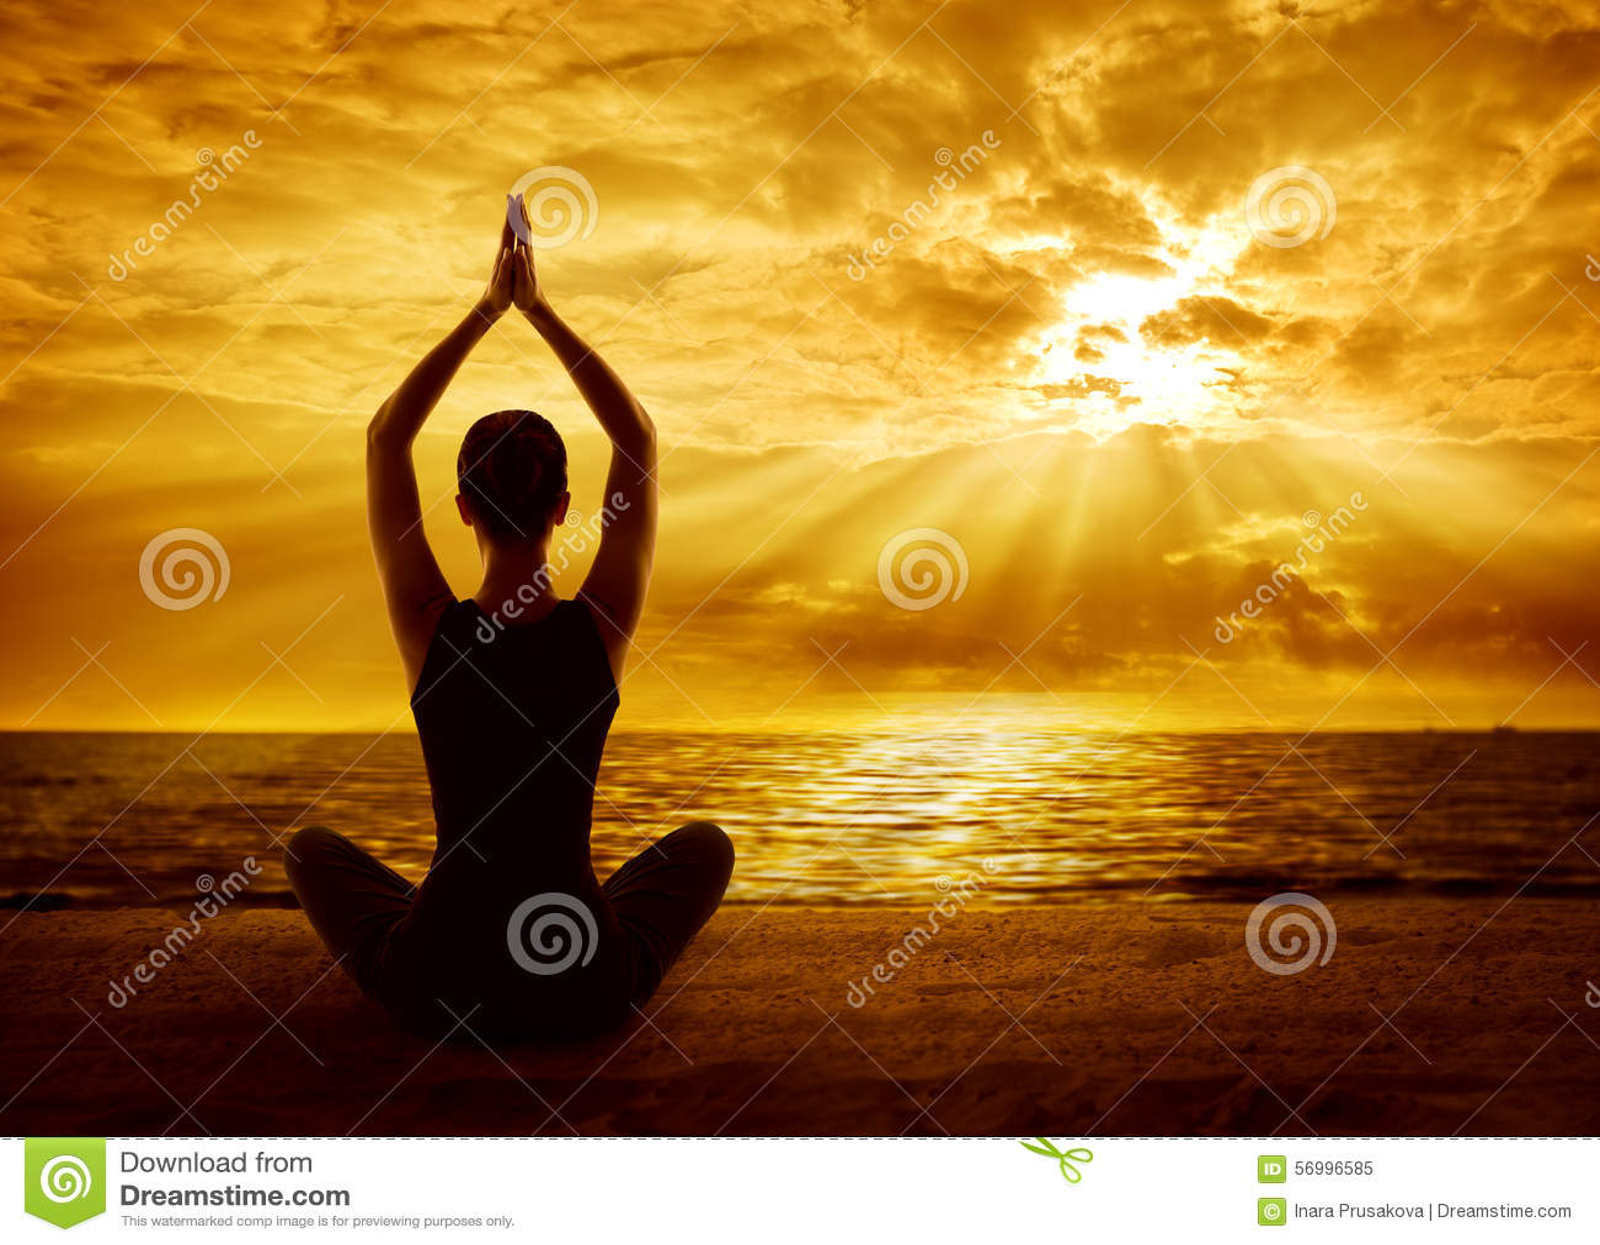 Conceito da meditação da ioga, meditar saudável da silhueta da mulher